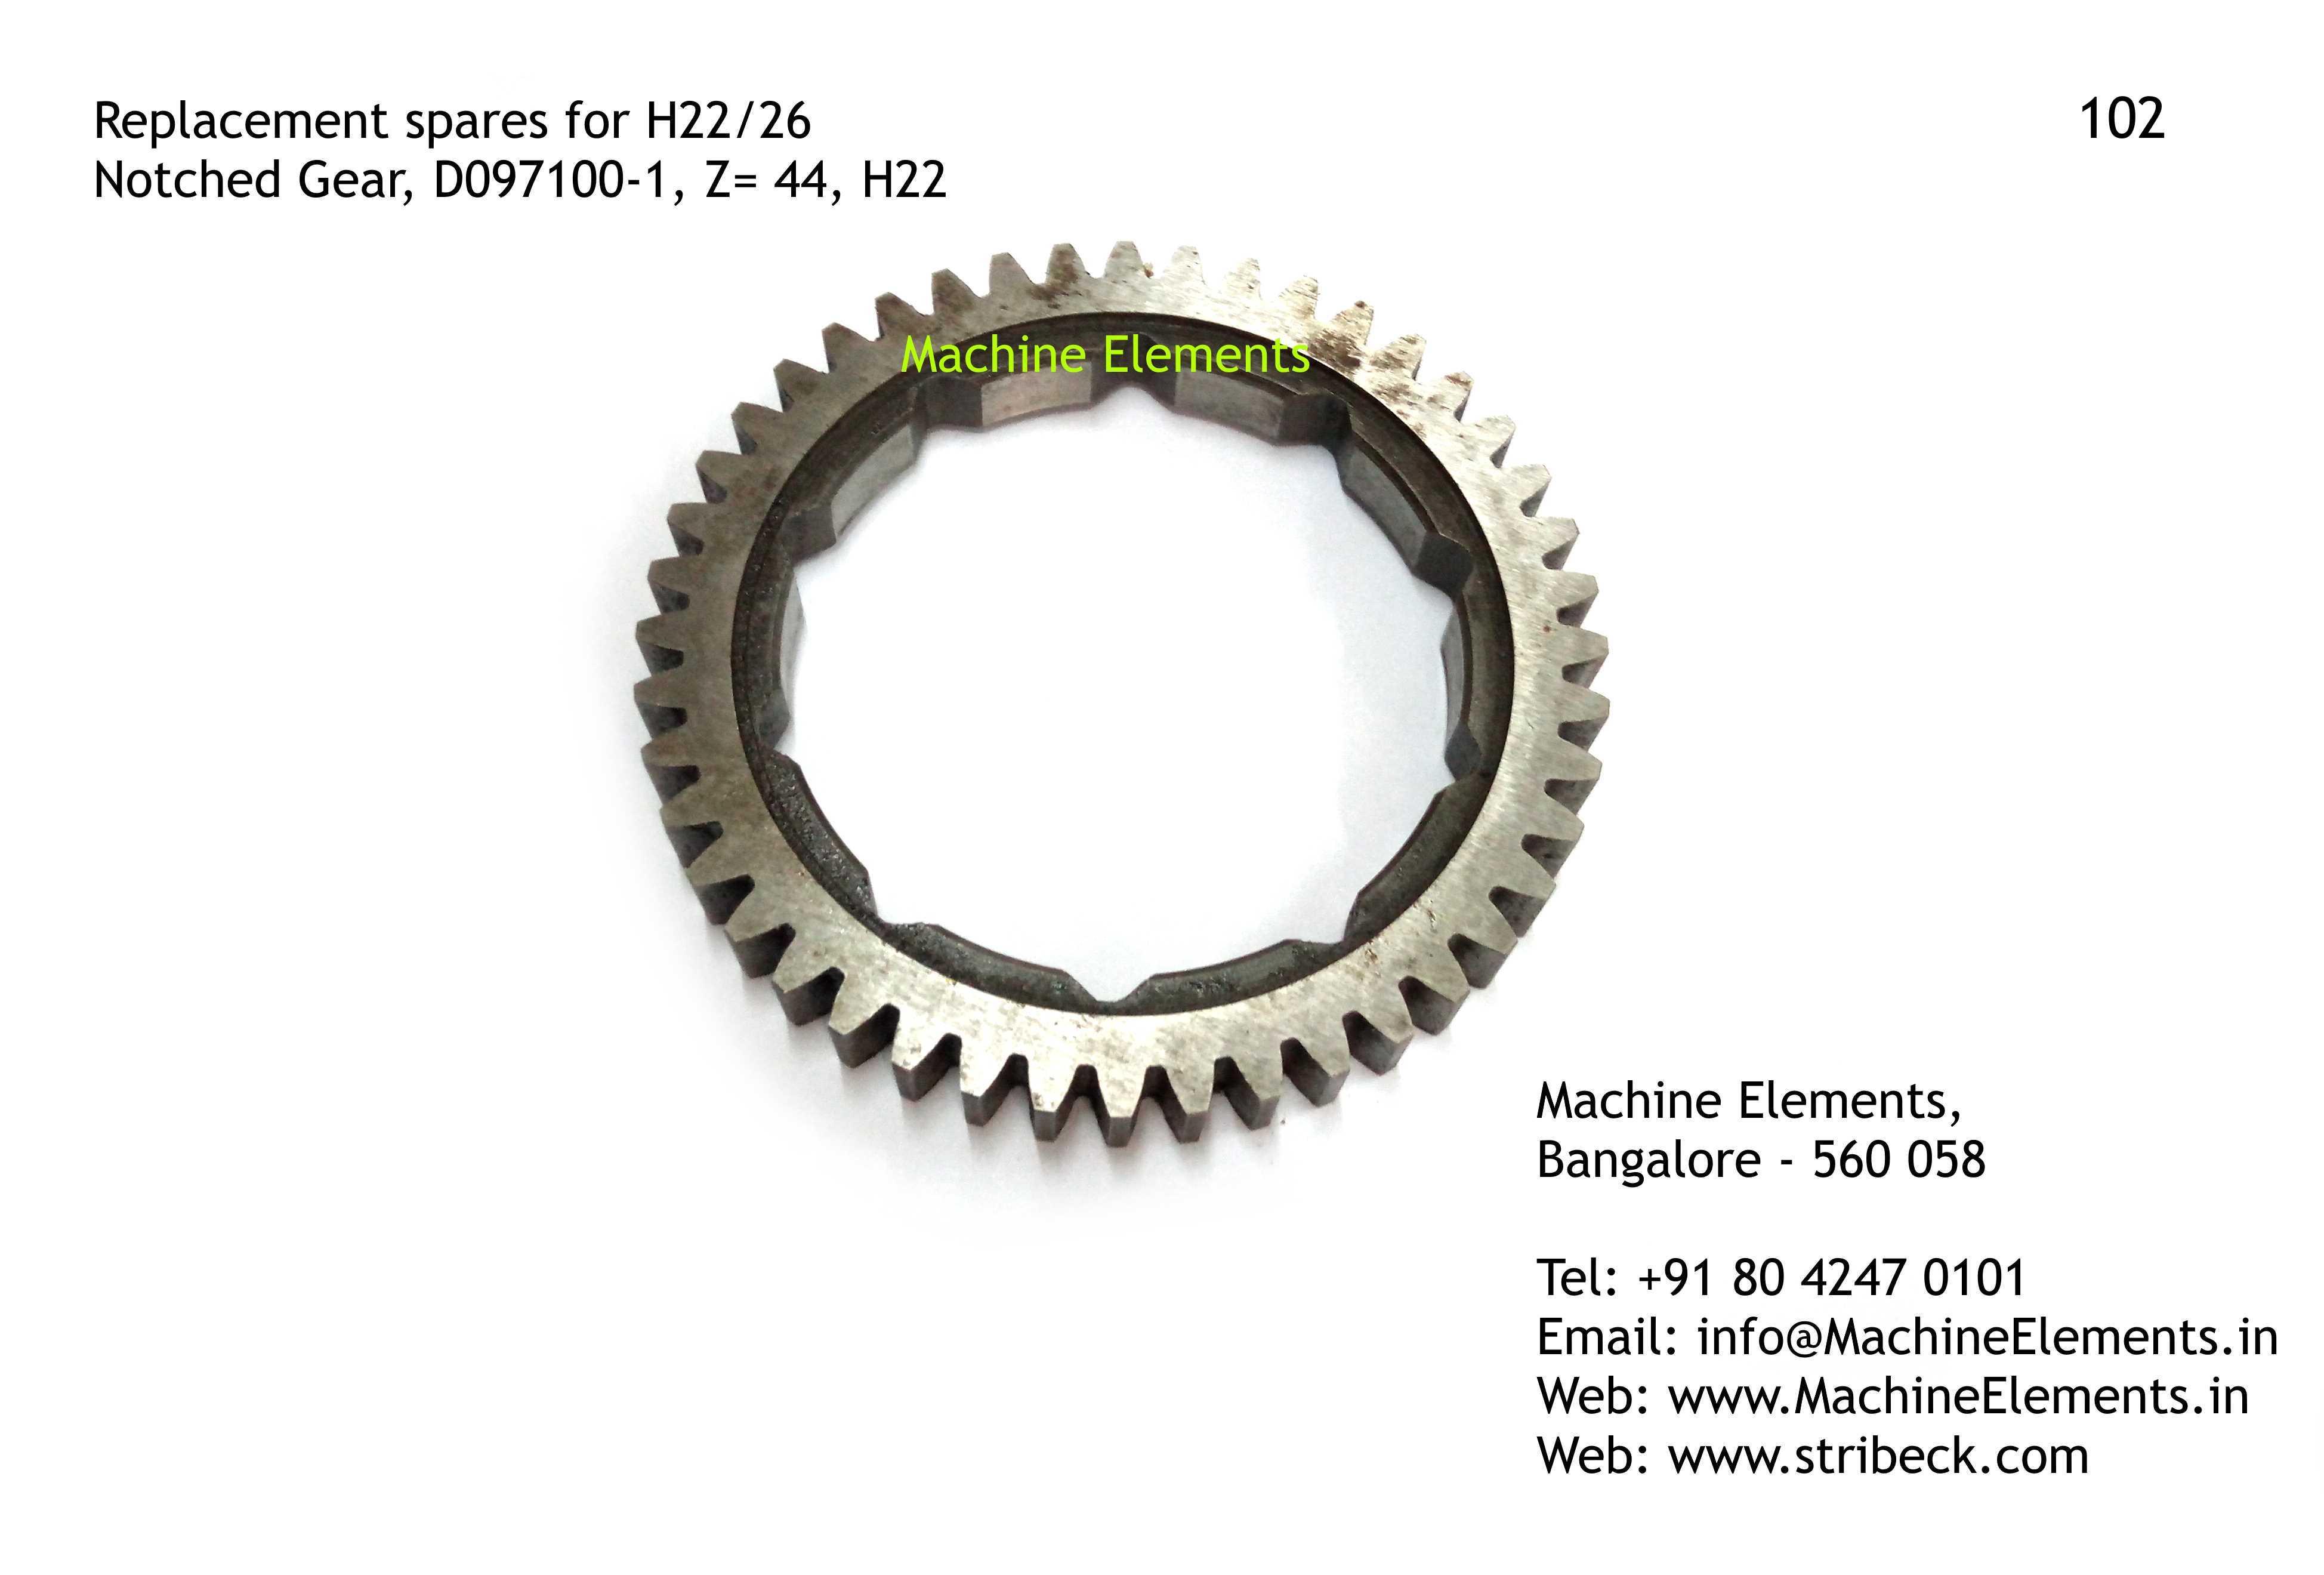 Notched Gear, D097100-1, Z=44